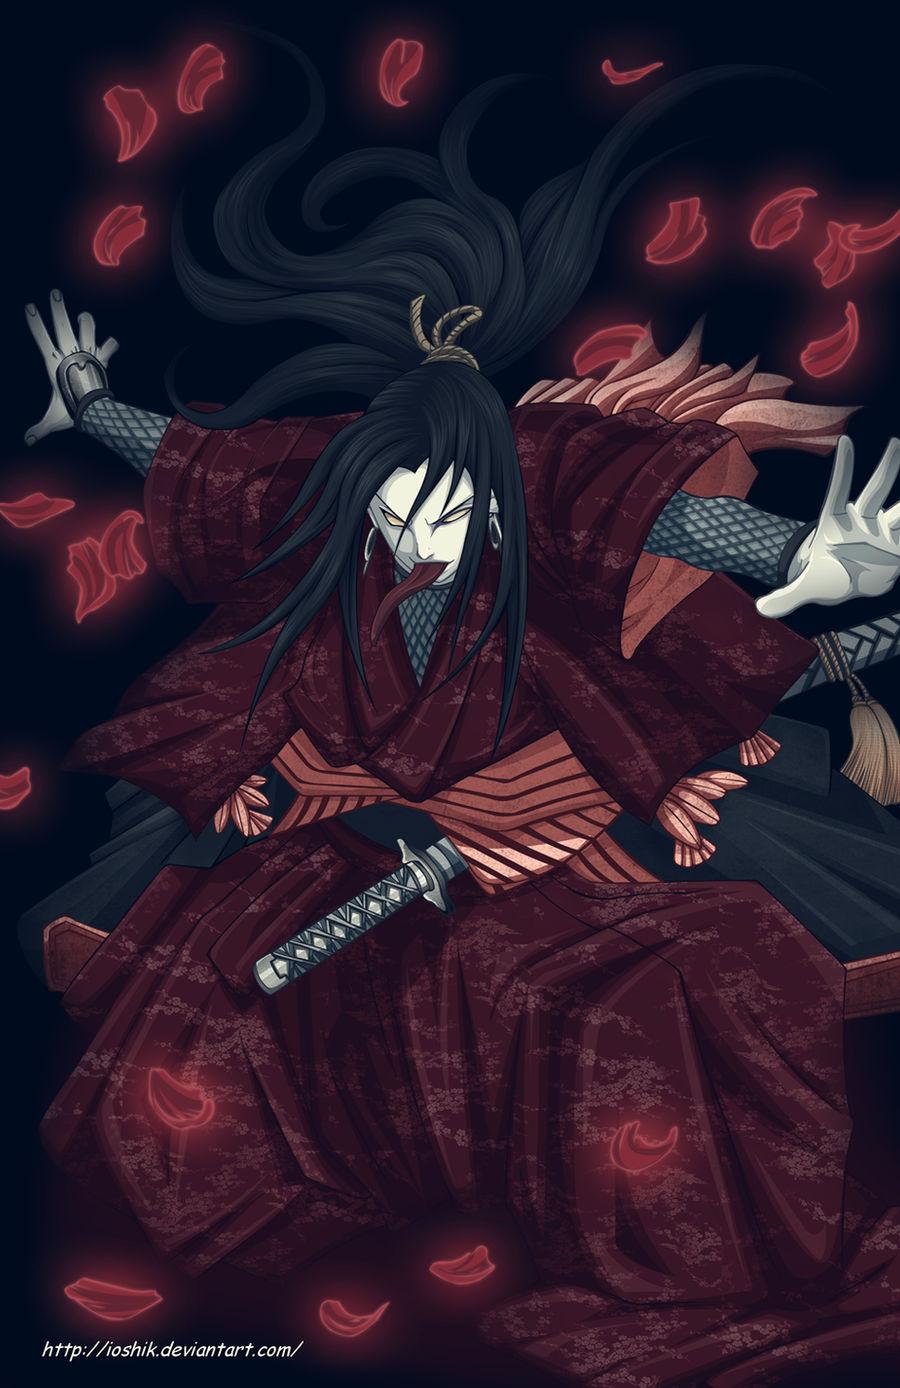 orochimaru by ioshik